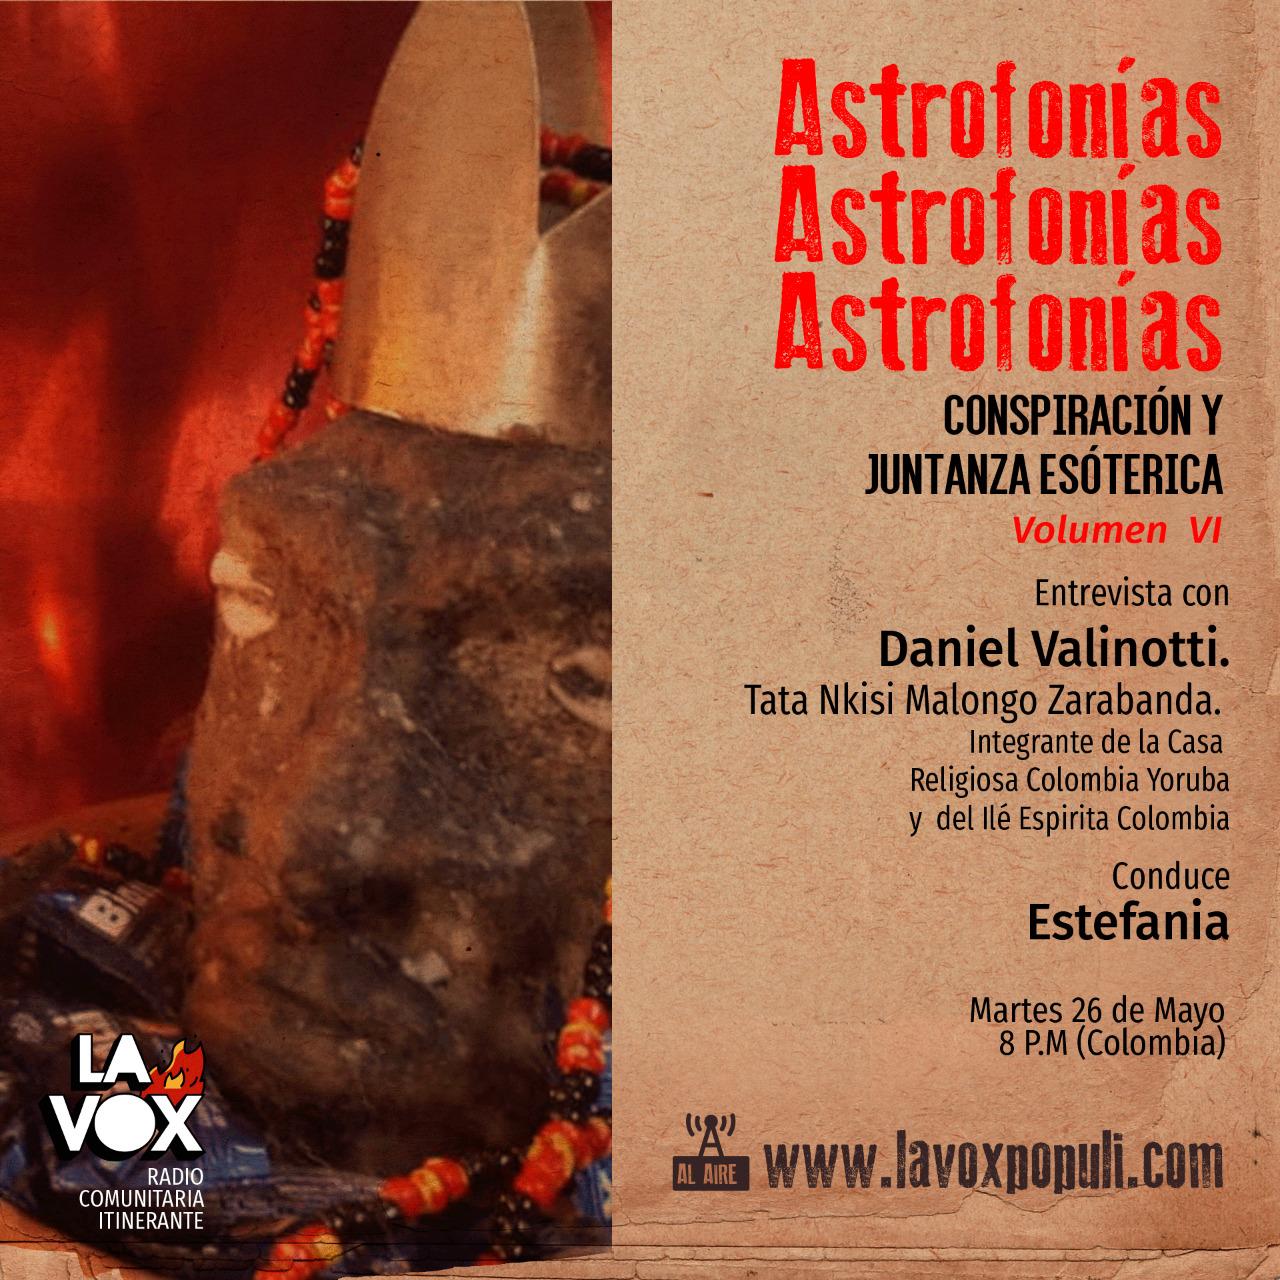 VOL. VI: Astrofonías conspiración y juntanza esotérica